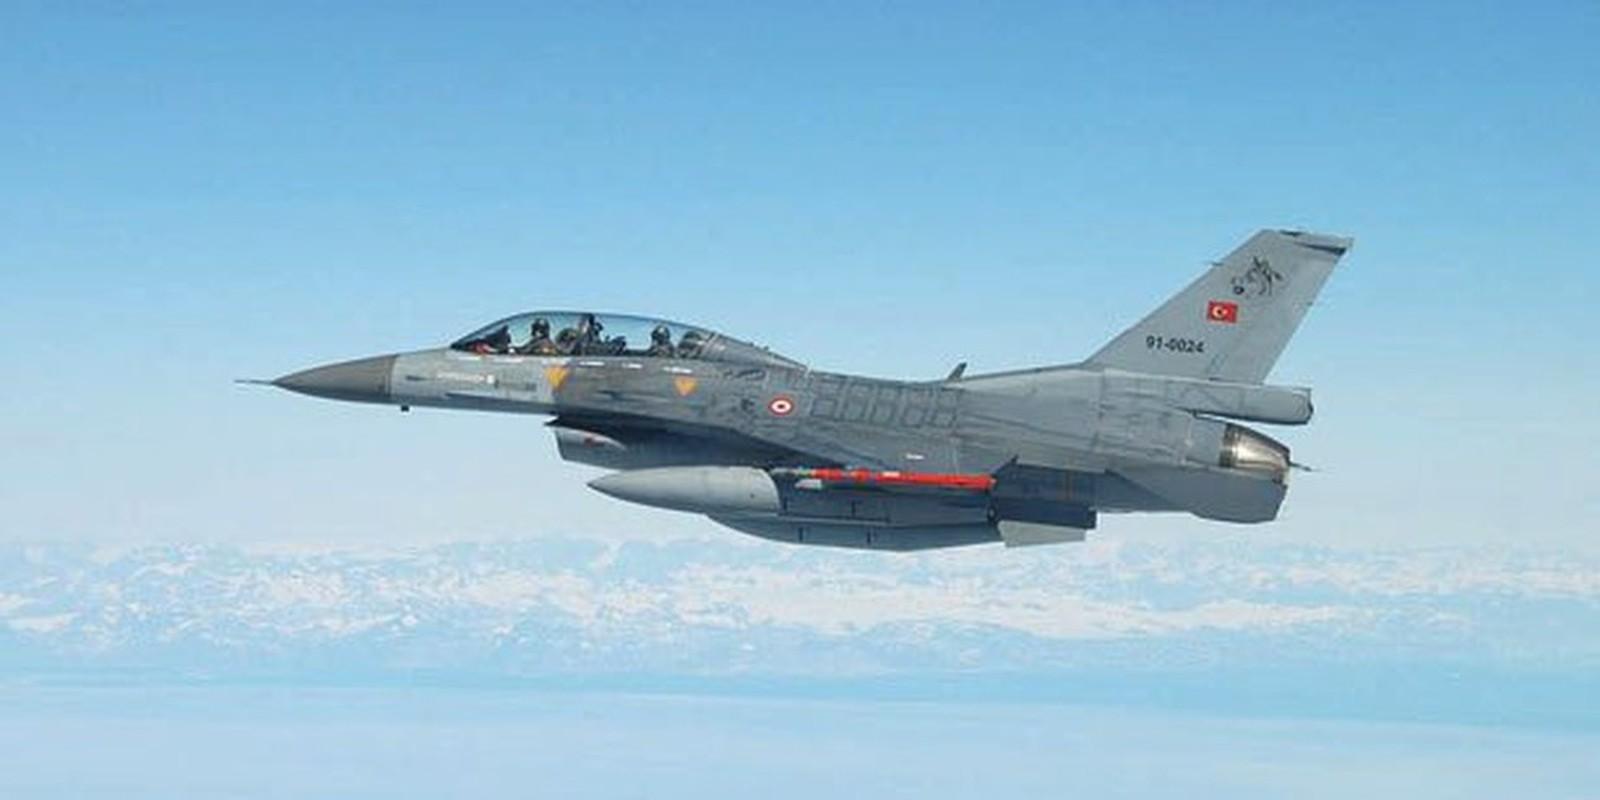 Neu giao tranh, F-16 Tho Nhi Ky co vuot qua duoc S-300 Syria?-Hinh-9